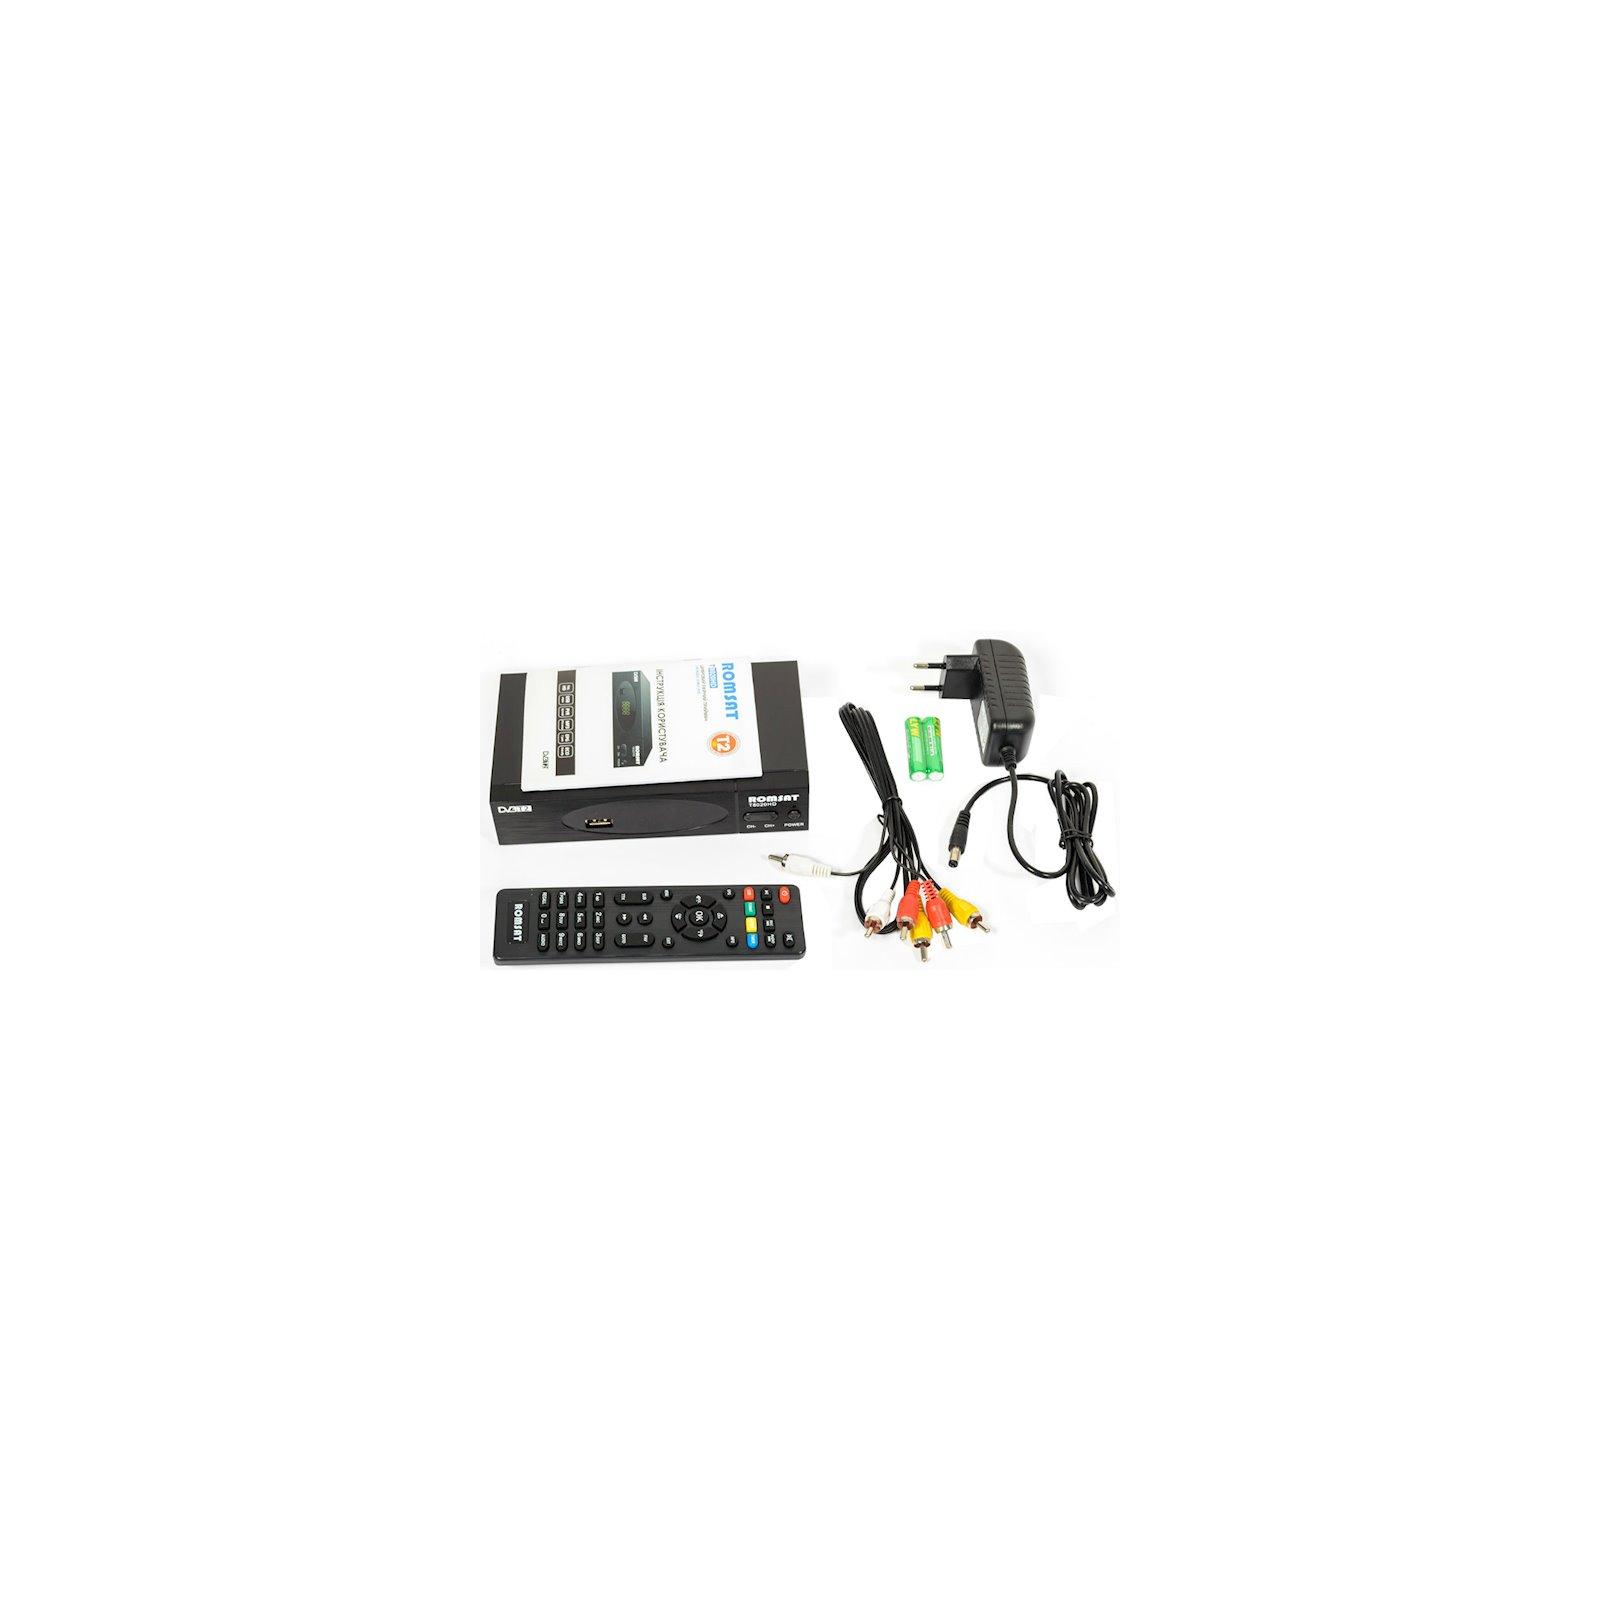 ТВ тюнер Romsat DVB-T2, чипсет MSD7T01 (T8020HD) зображення 9